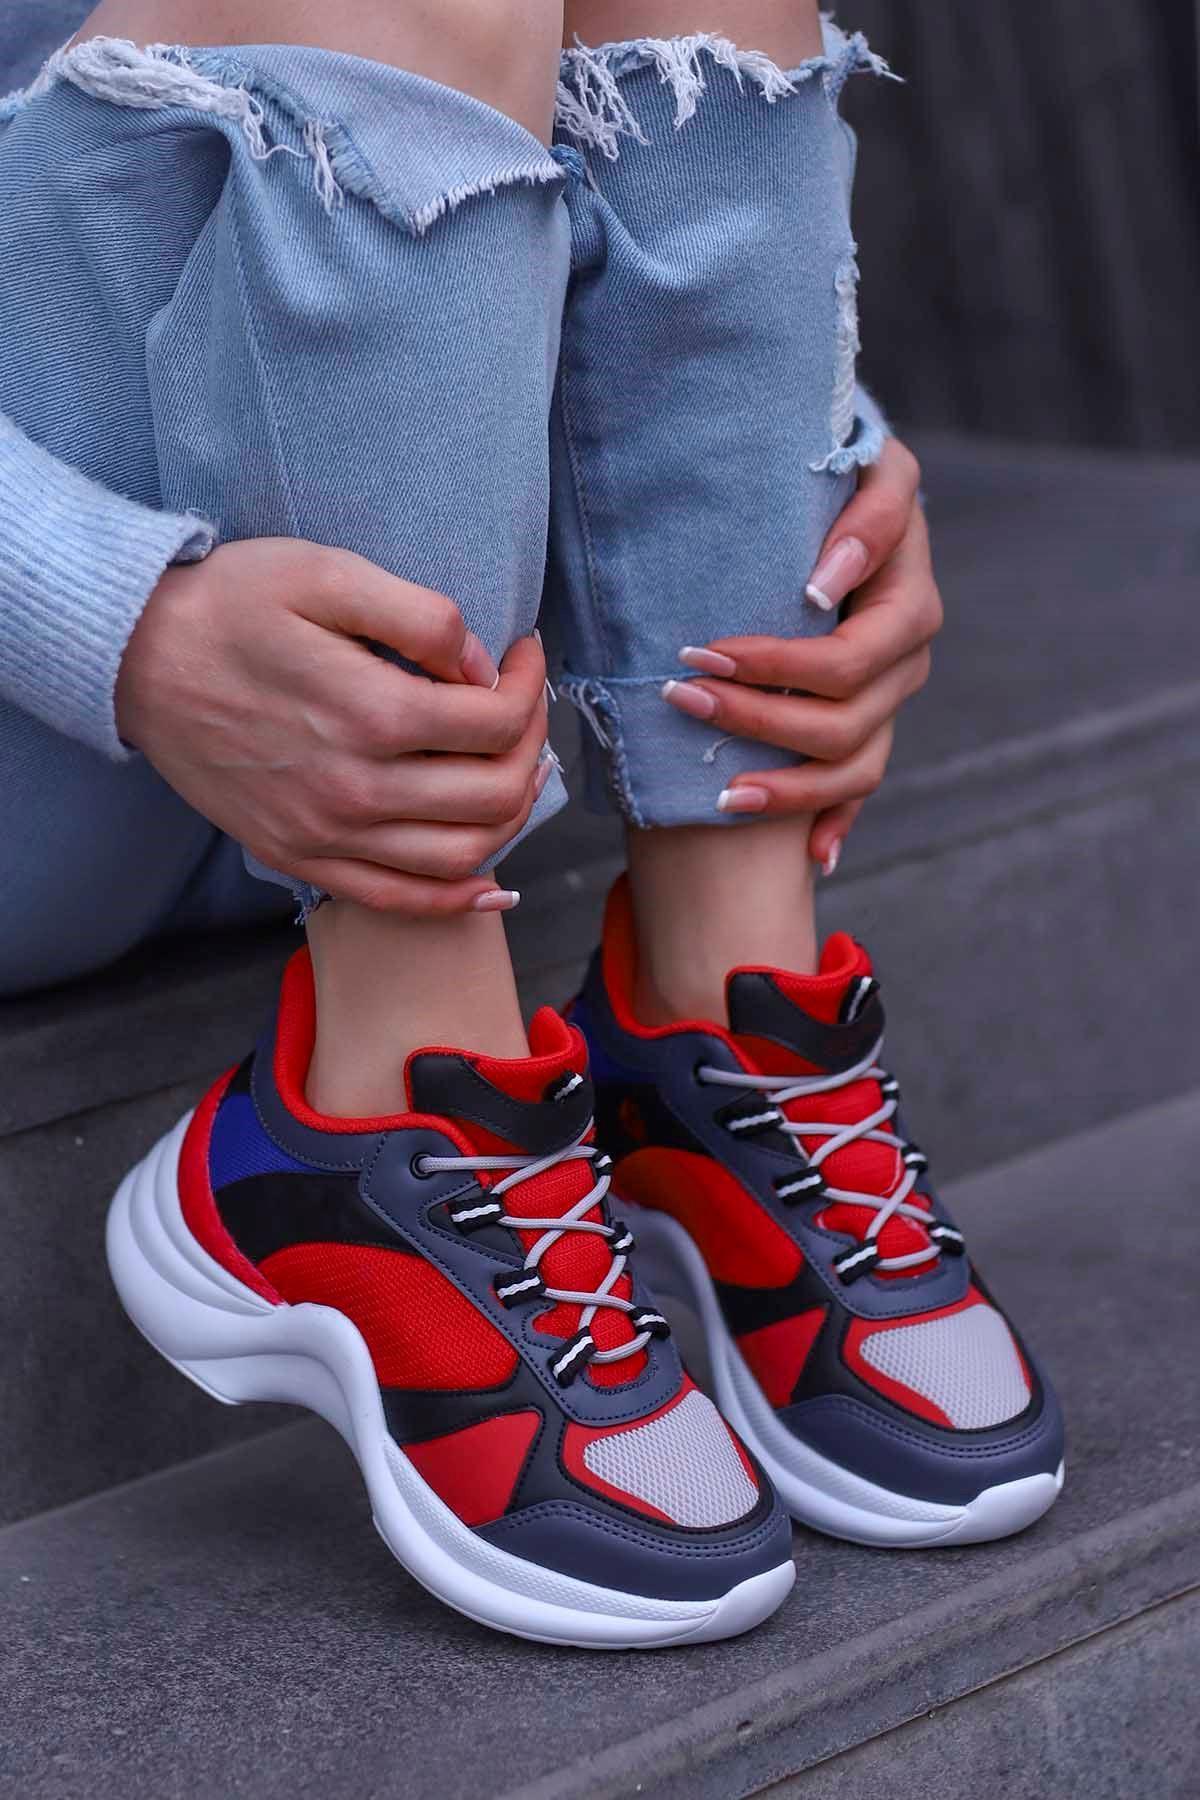 Tny-01 Tabanlı Spor Ayakkabı Siyah Kırmızı